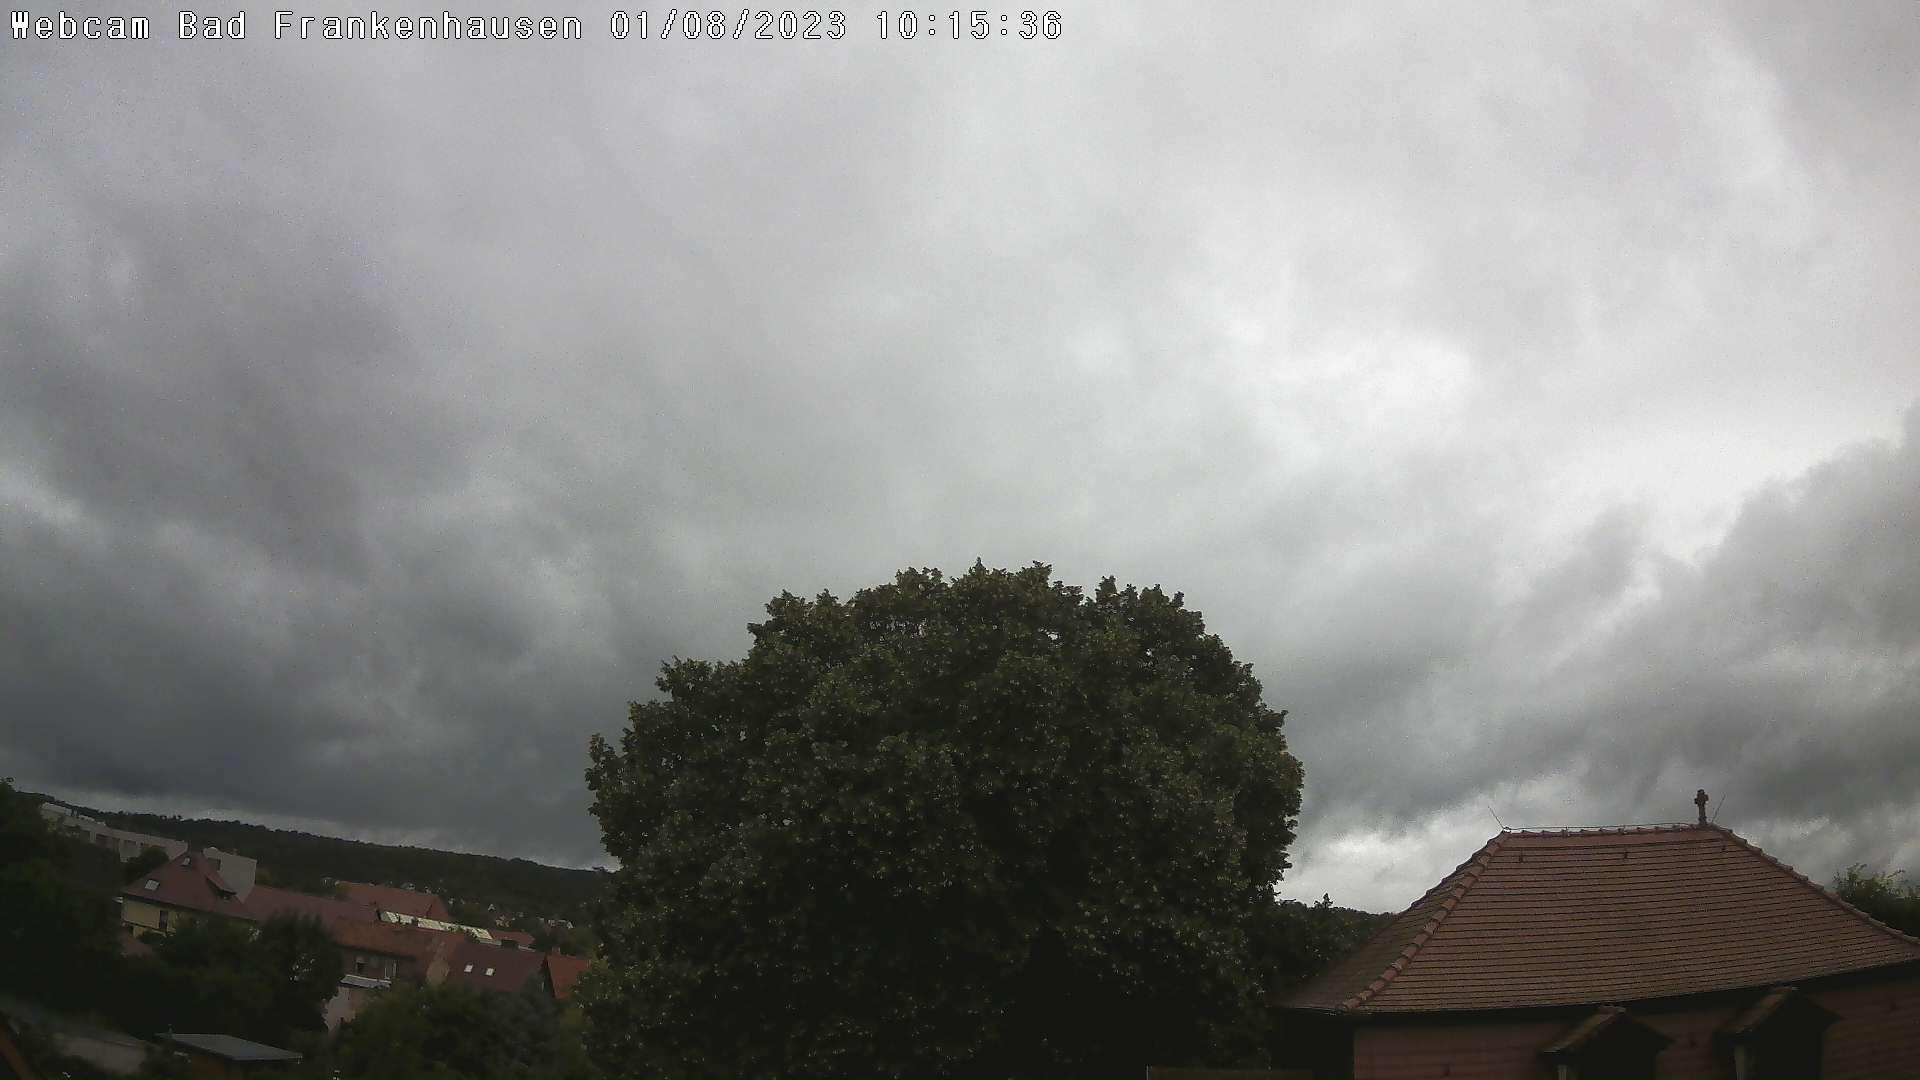 Bad Frankenhausen Tue. 10:18